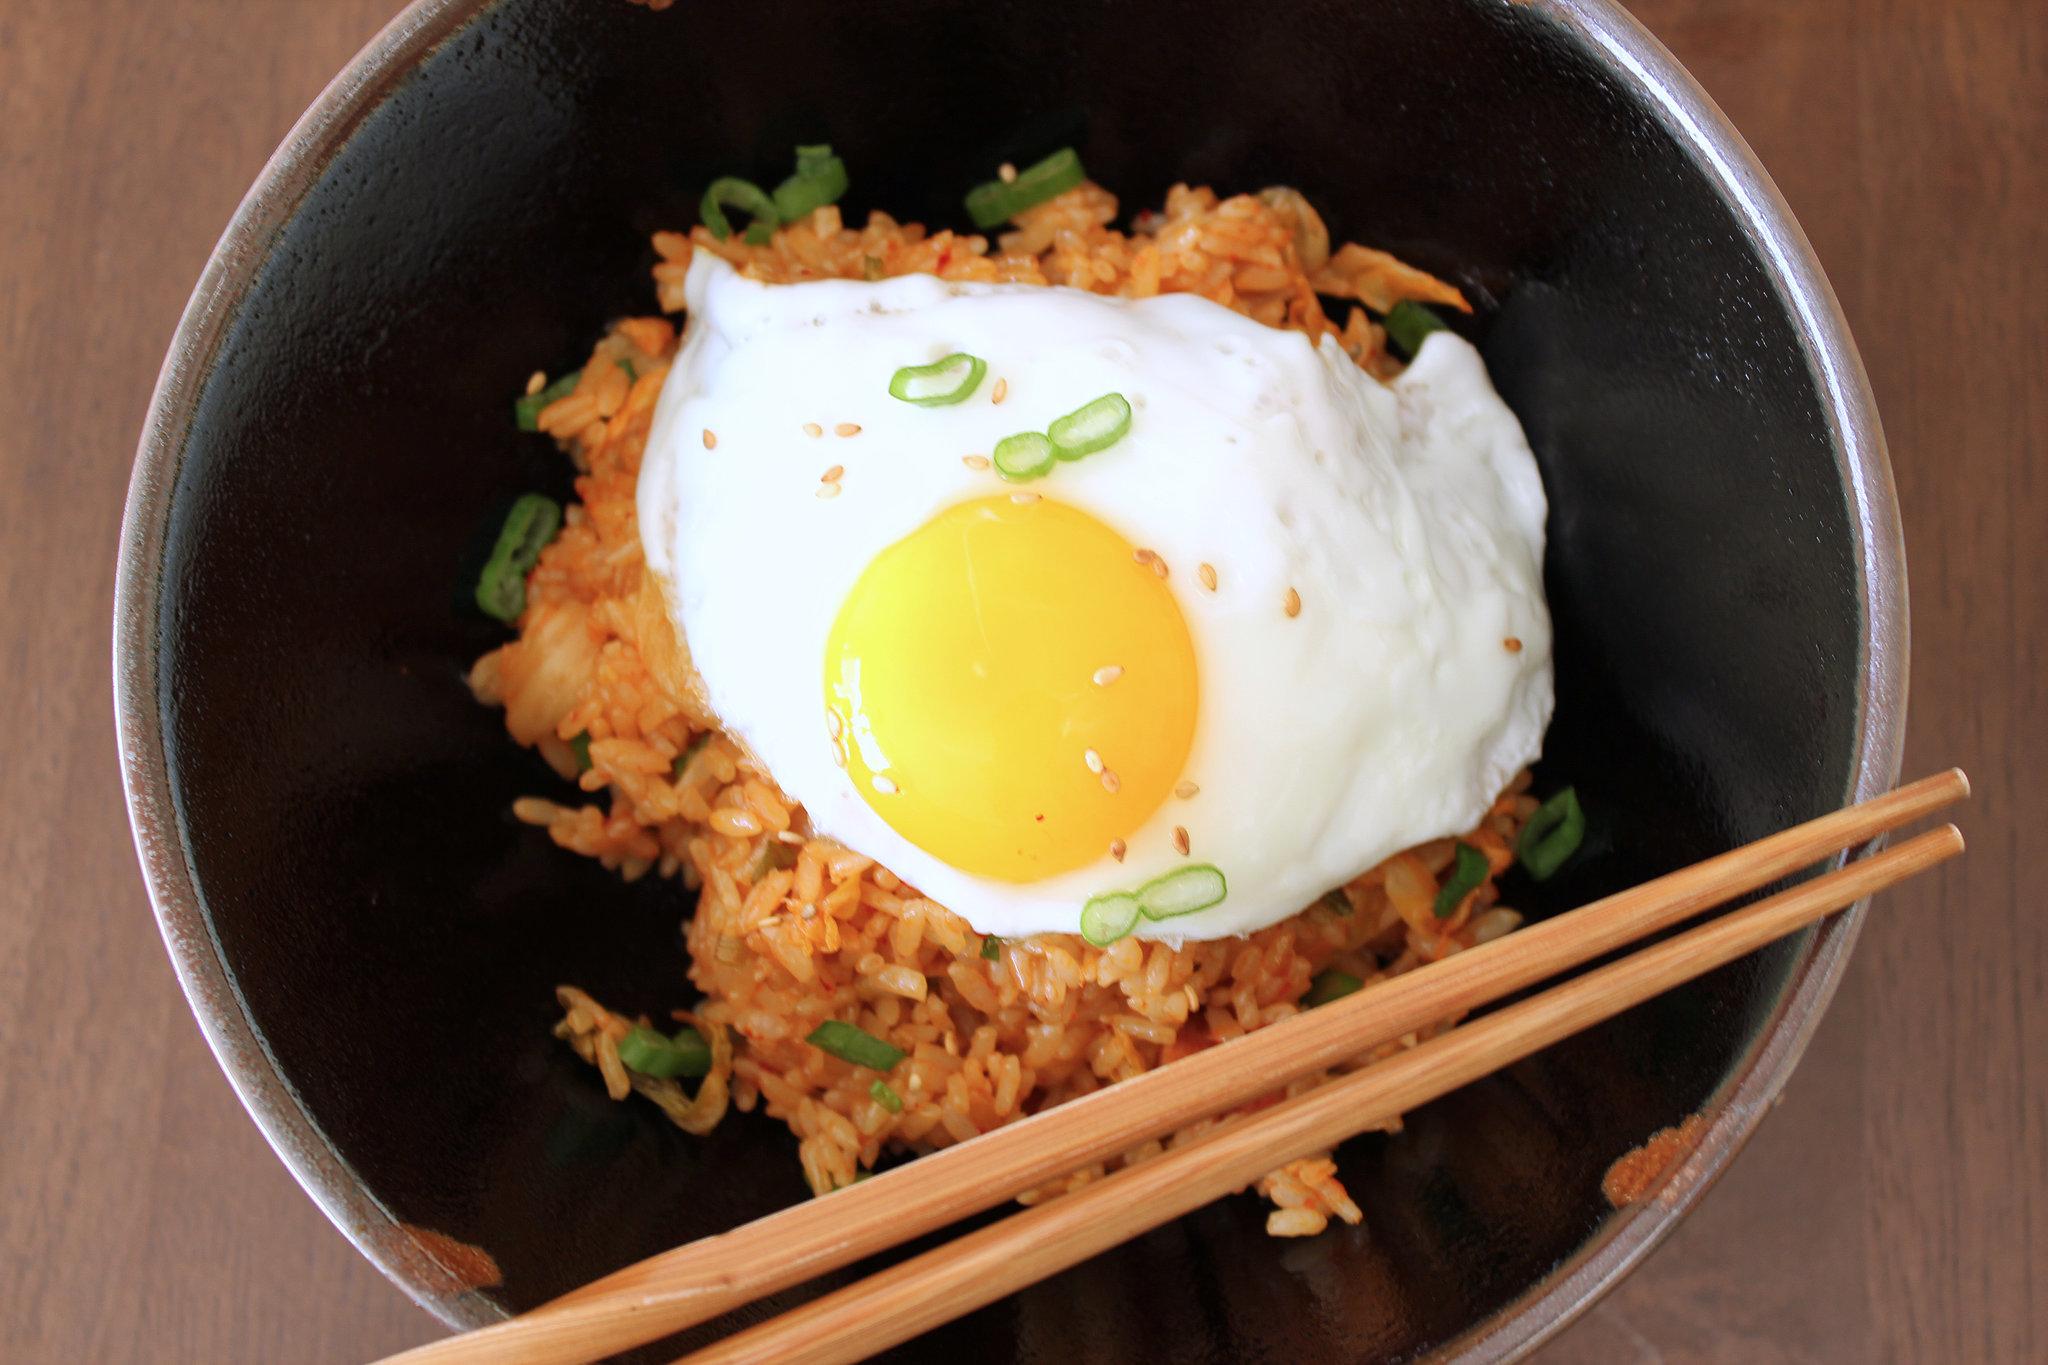 Kimchi Fried Rice | 9 Egg-cellent Meal Ideas | POPSUGAR Food